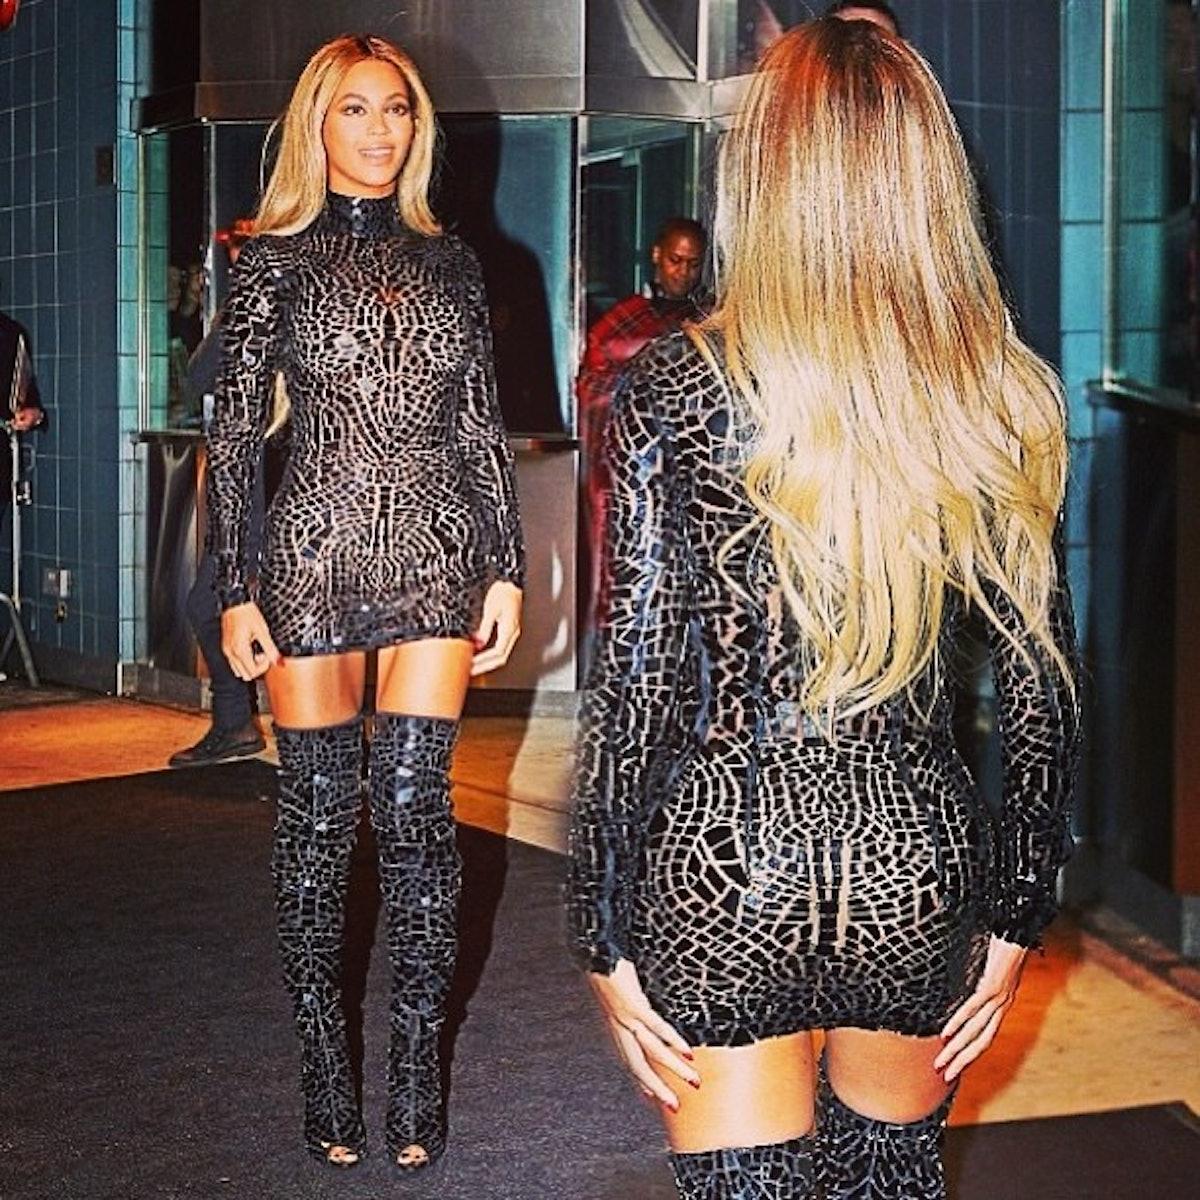 Two Beyoncés